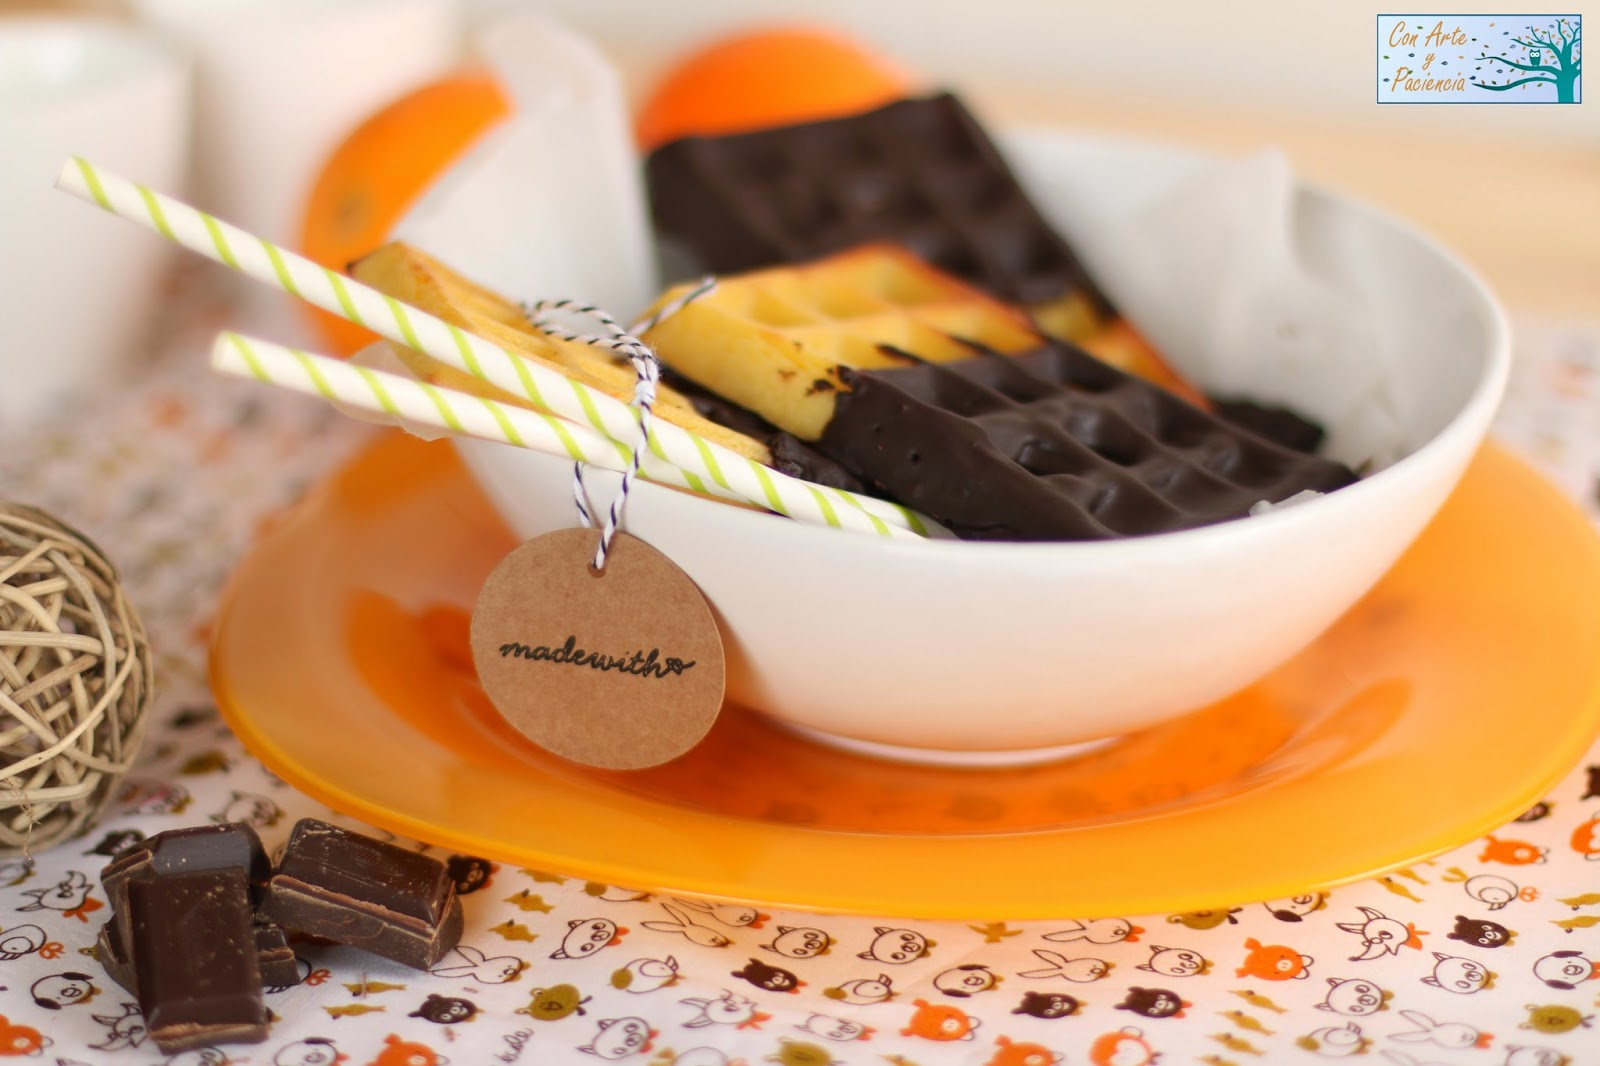 gofre,naranja,recubiertos,bañados,chocolate,waffle,orange,horno,lekué,originales,belga,fondant,fundido,baño,maria,merienda,receta,desayuno,dulce,postre,niños,